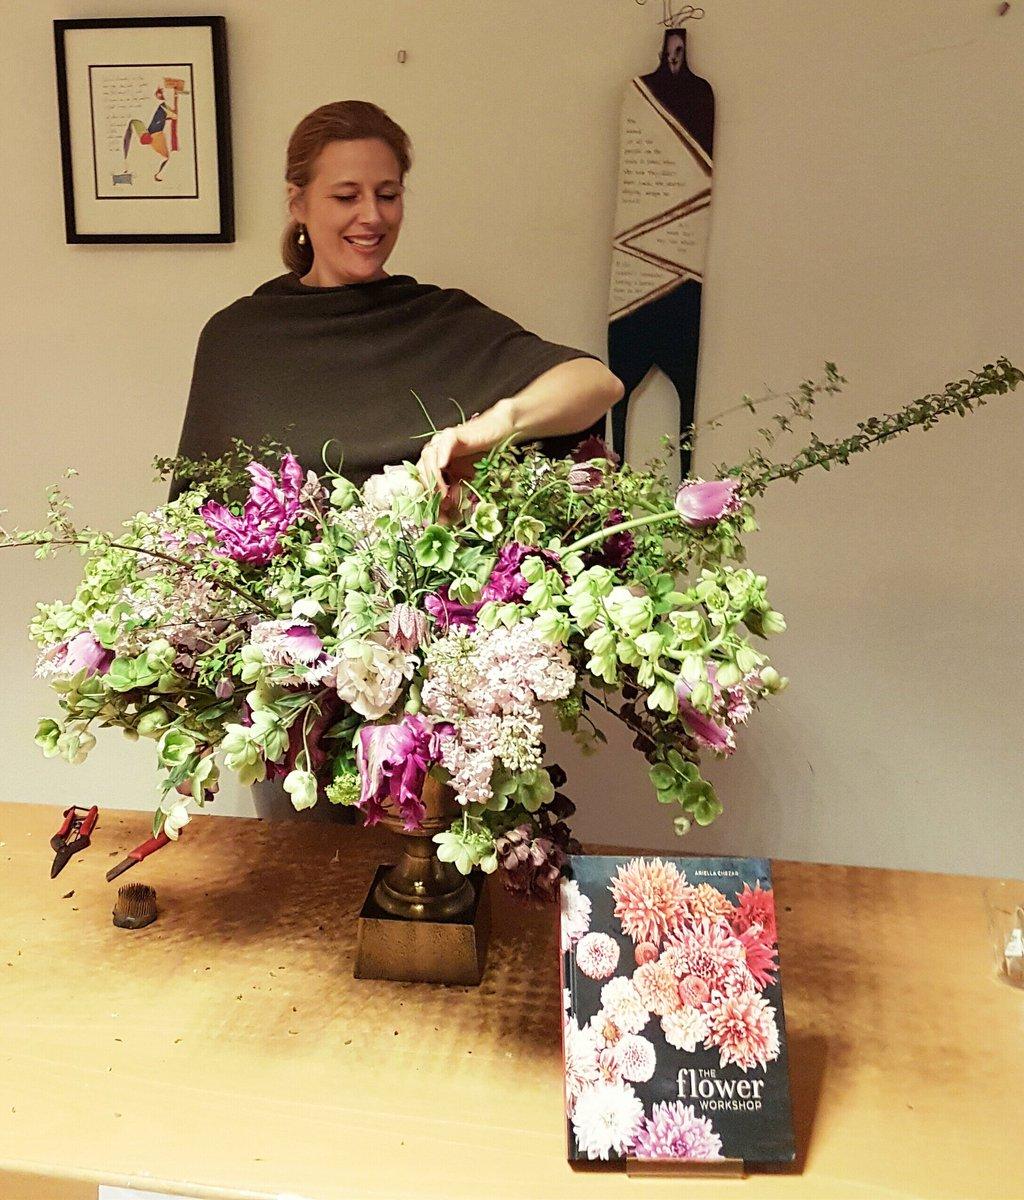 The American Book Center On Twitter Famous Flower Designer